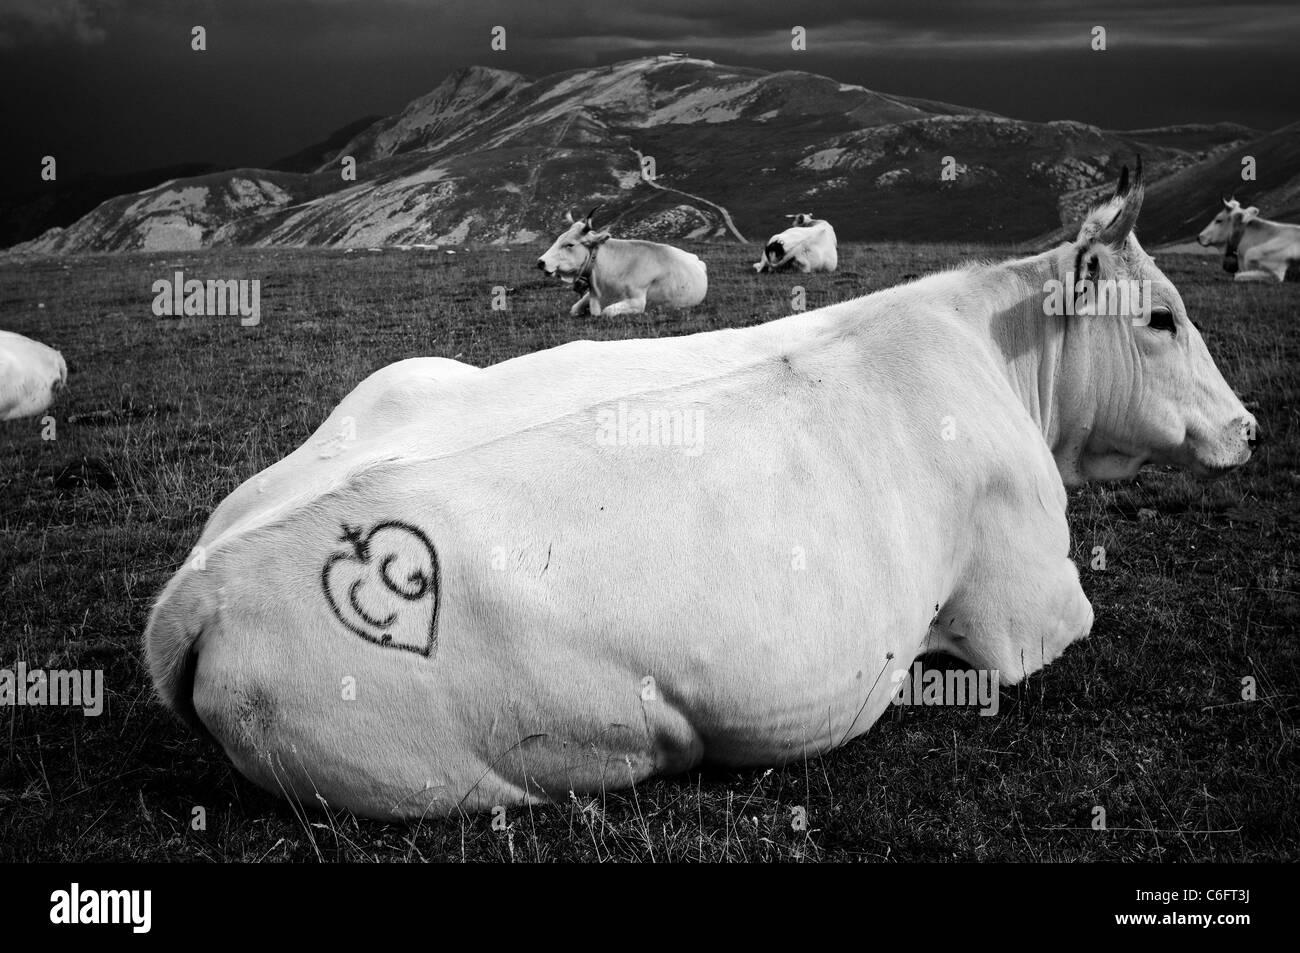 Tatuato mucca su una montagna Immagini Stock